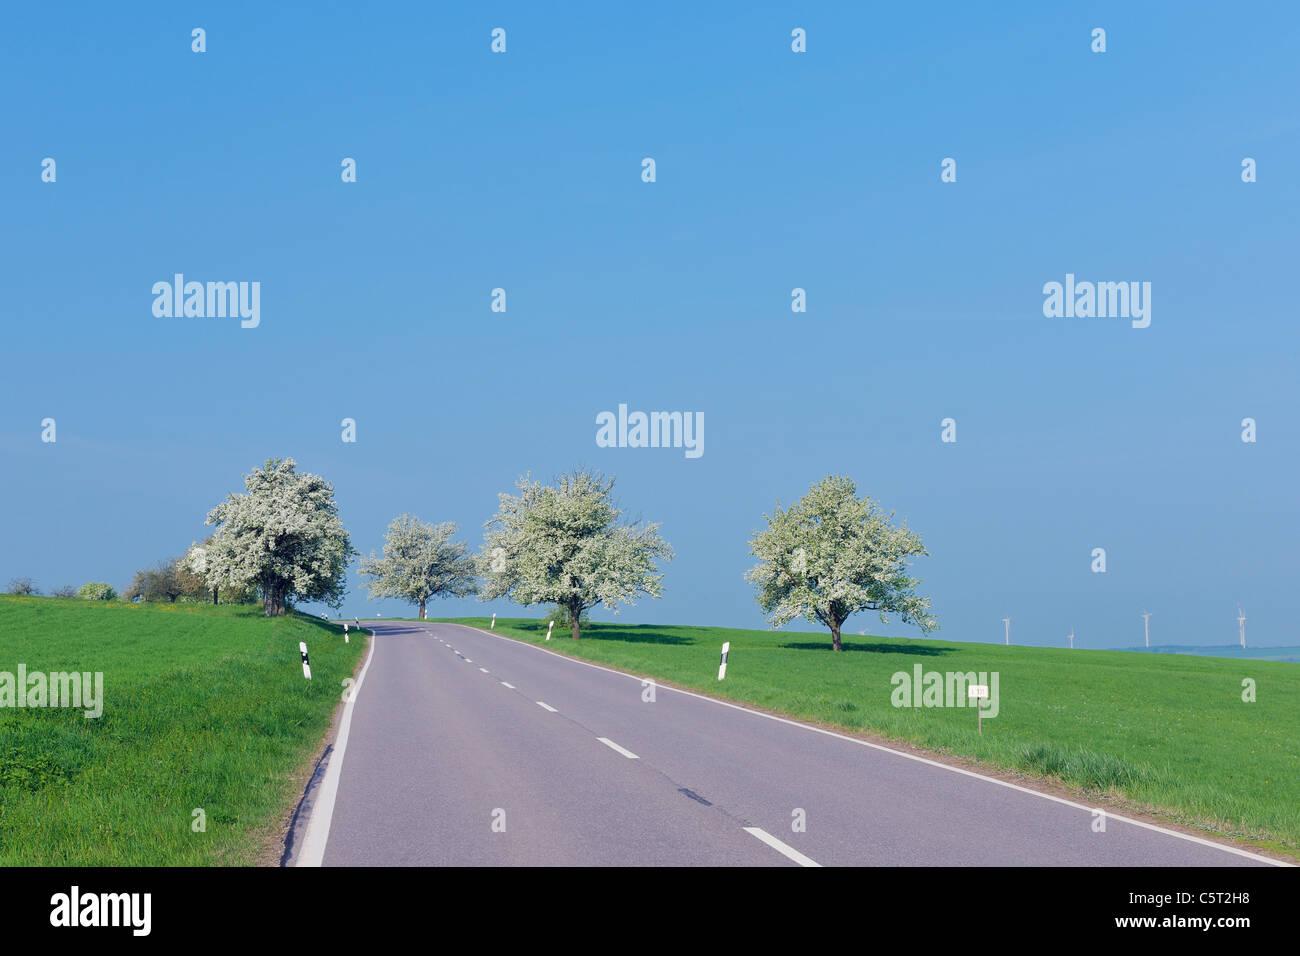 Deutschland, Saarland, Blick auf blühenden Obstbaum neben der Landstraße Stockfoto